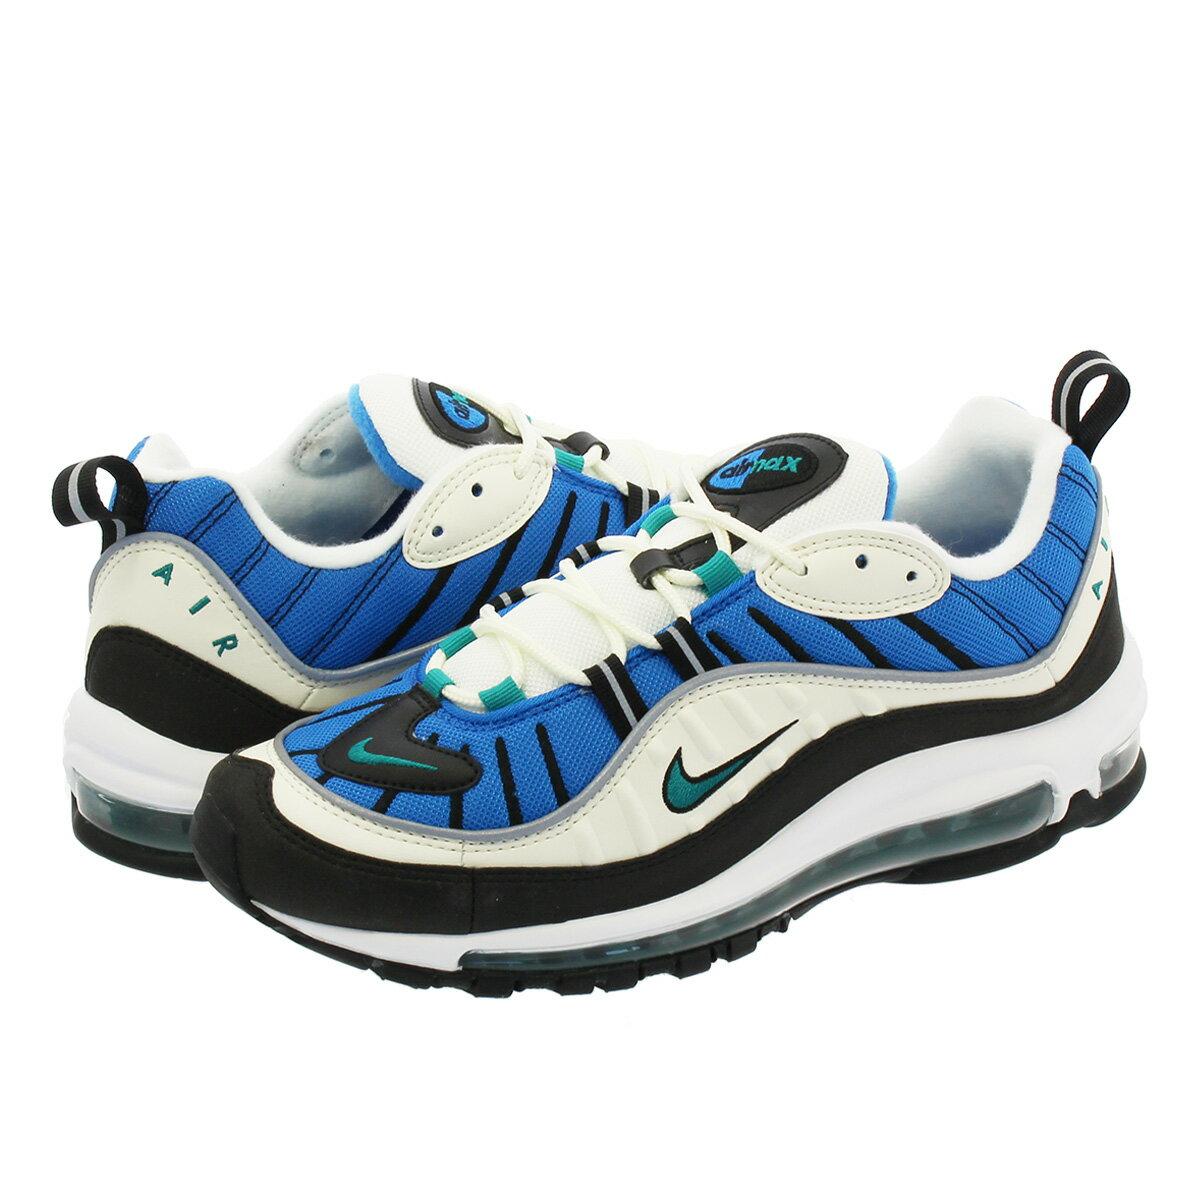 NIKE WMNS AIR MAX 98 Nike women Air Max 98 SAILRADIANT EMERALDBLUE NEBULA ah6799 106